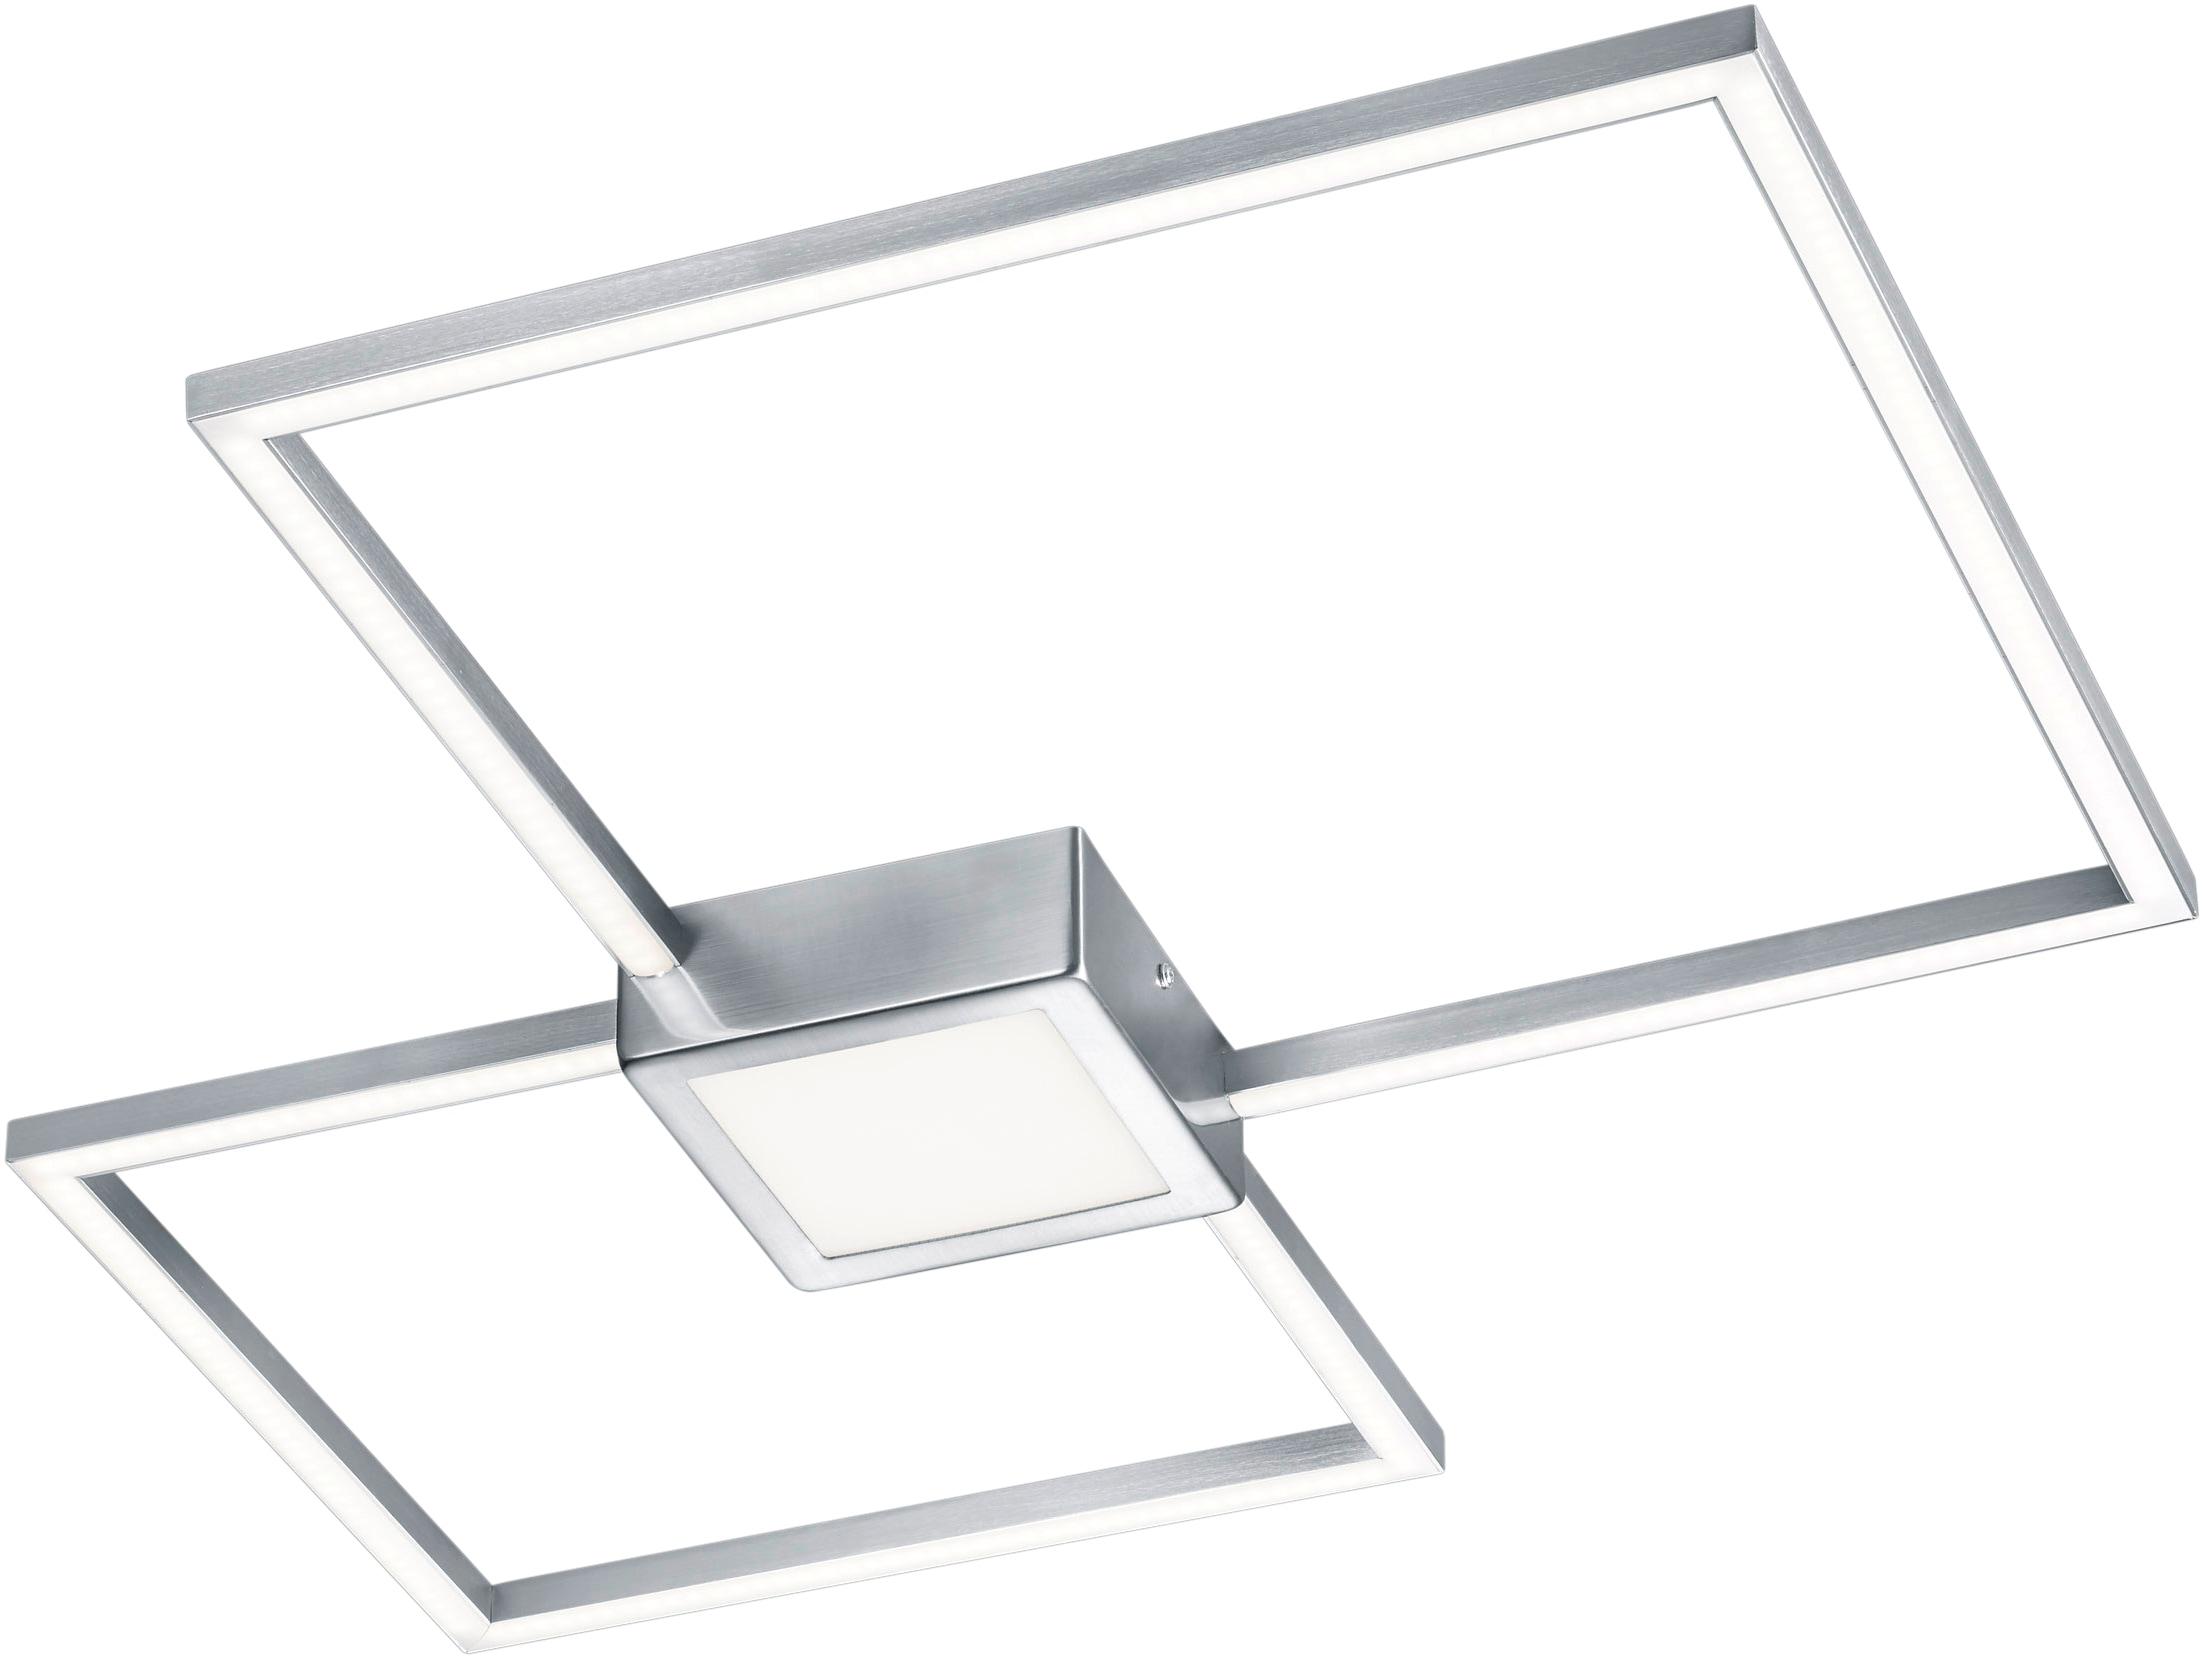 TRIO Leuchten LED Deckenleuchte HYDRA, LED-Board, 1 St., Warmweiß, LED Deckenlampe